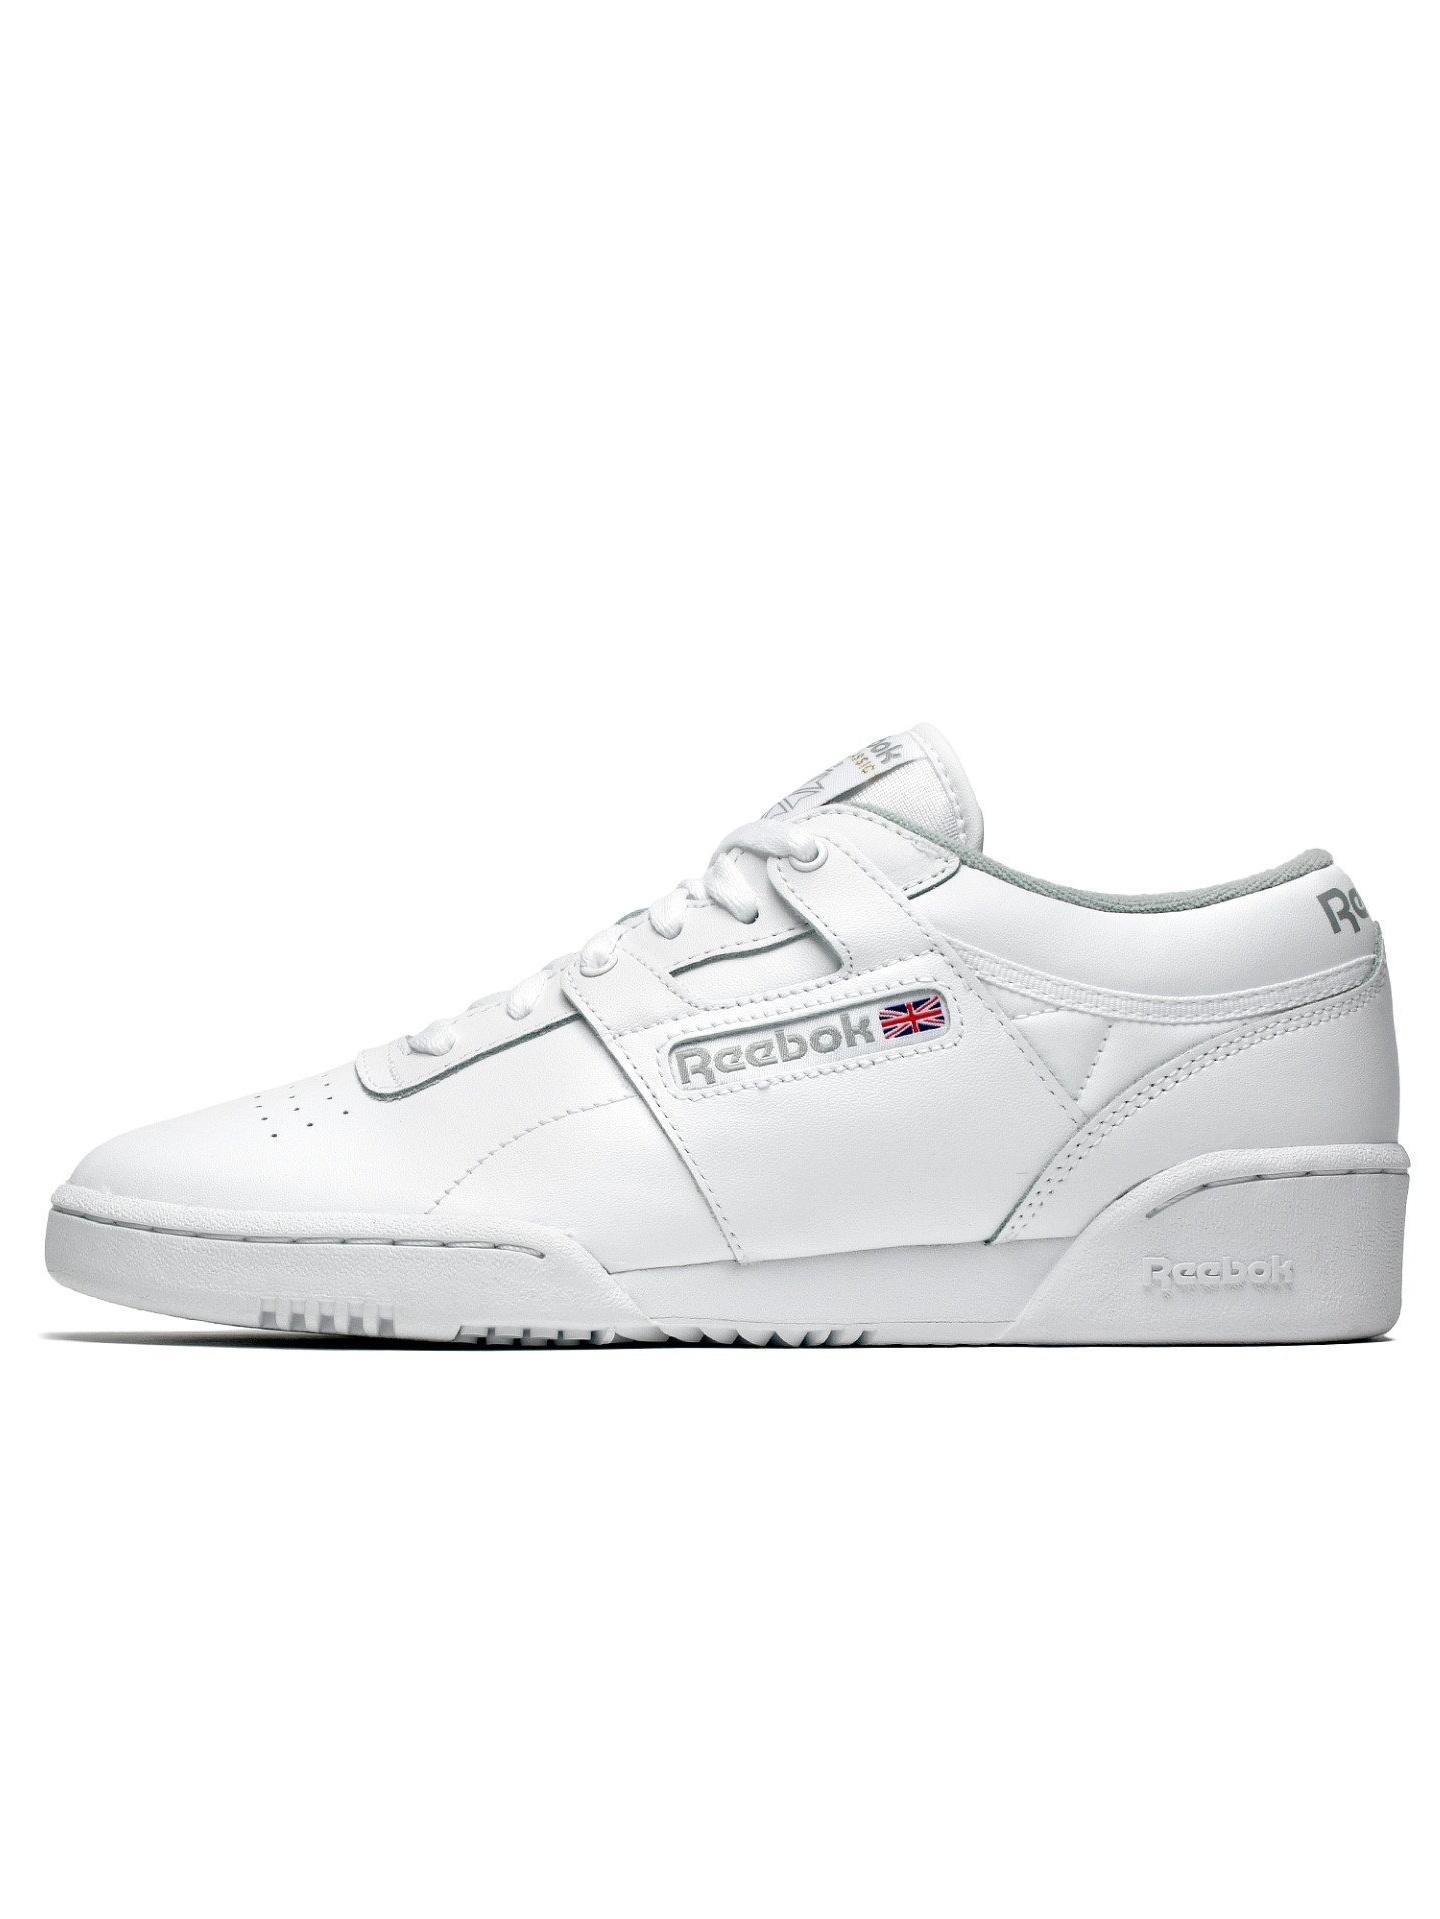 Mens Reebok Workout Low White Grey CN0636 by